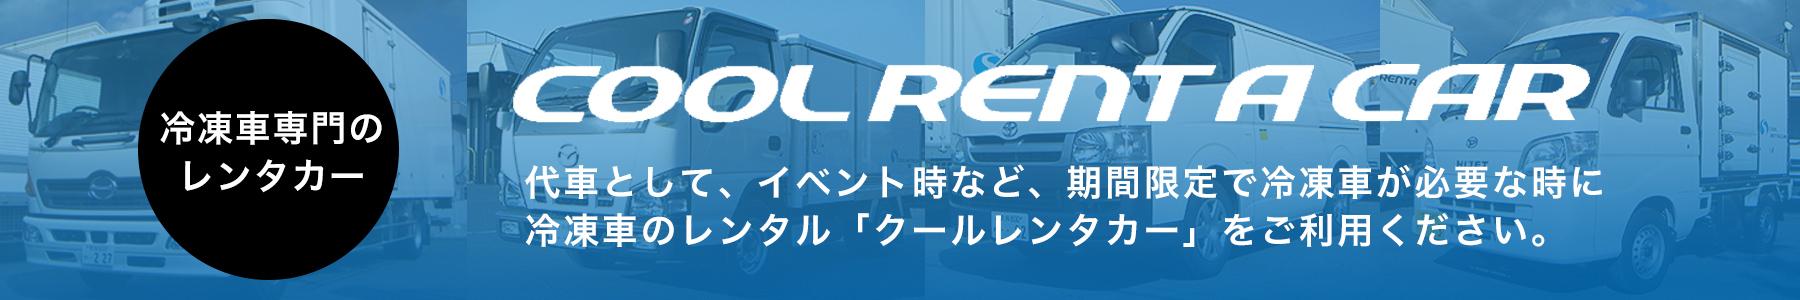 冷蔵車・冷凍車のレンタル クールレンタカー